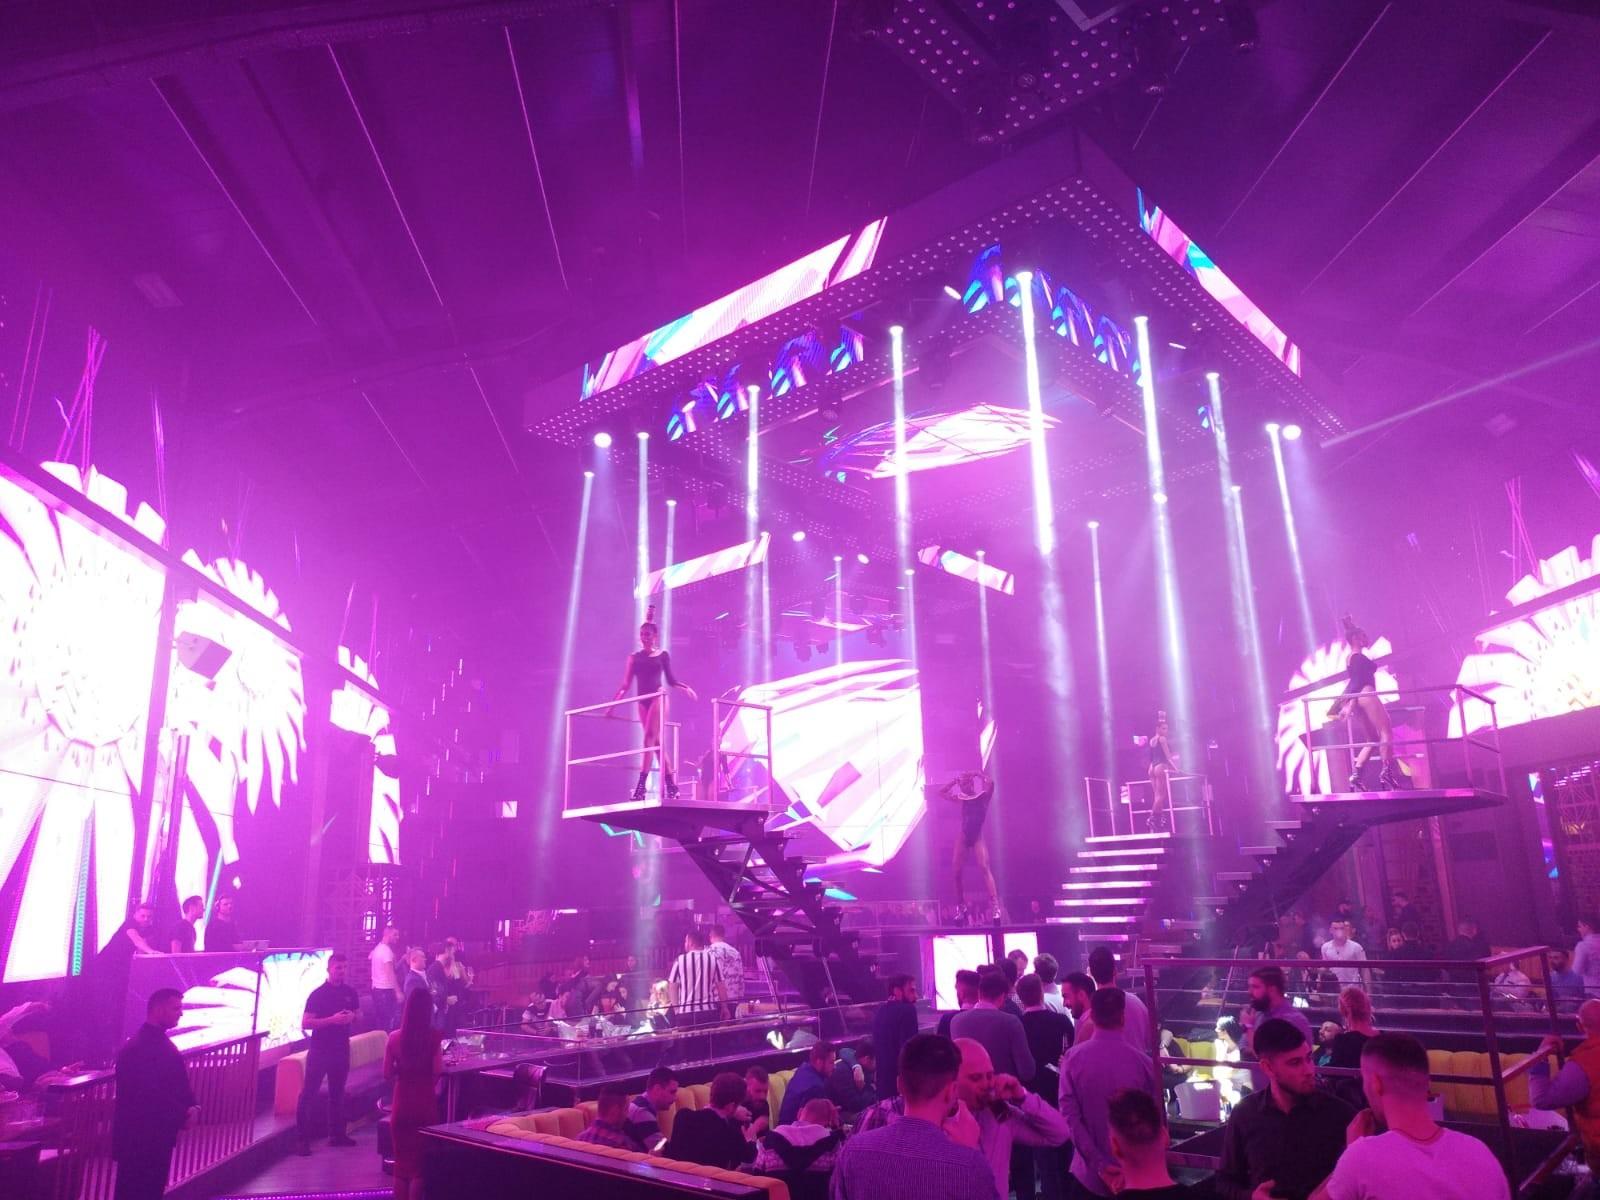 discoteca-bamboo-club-14dec5001c0c4417e2